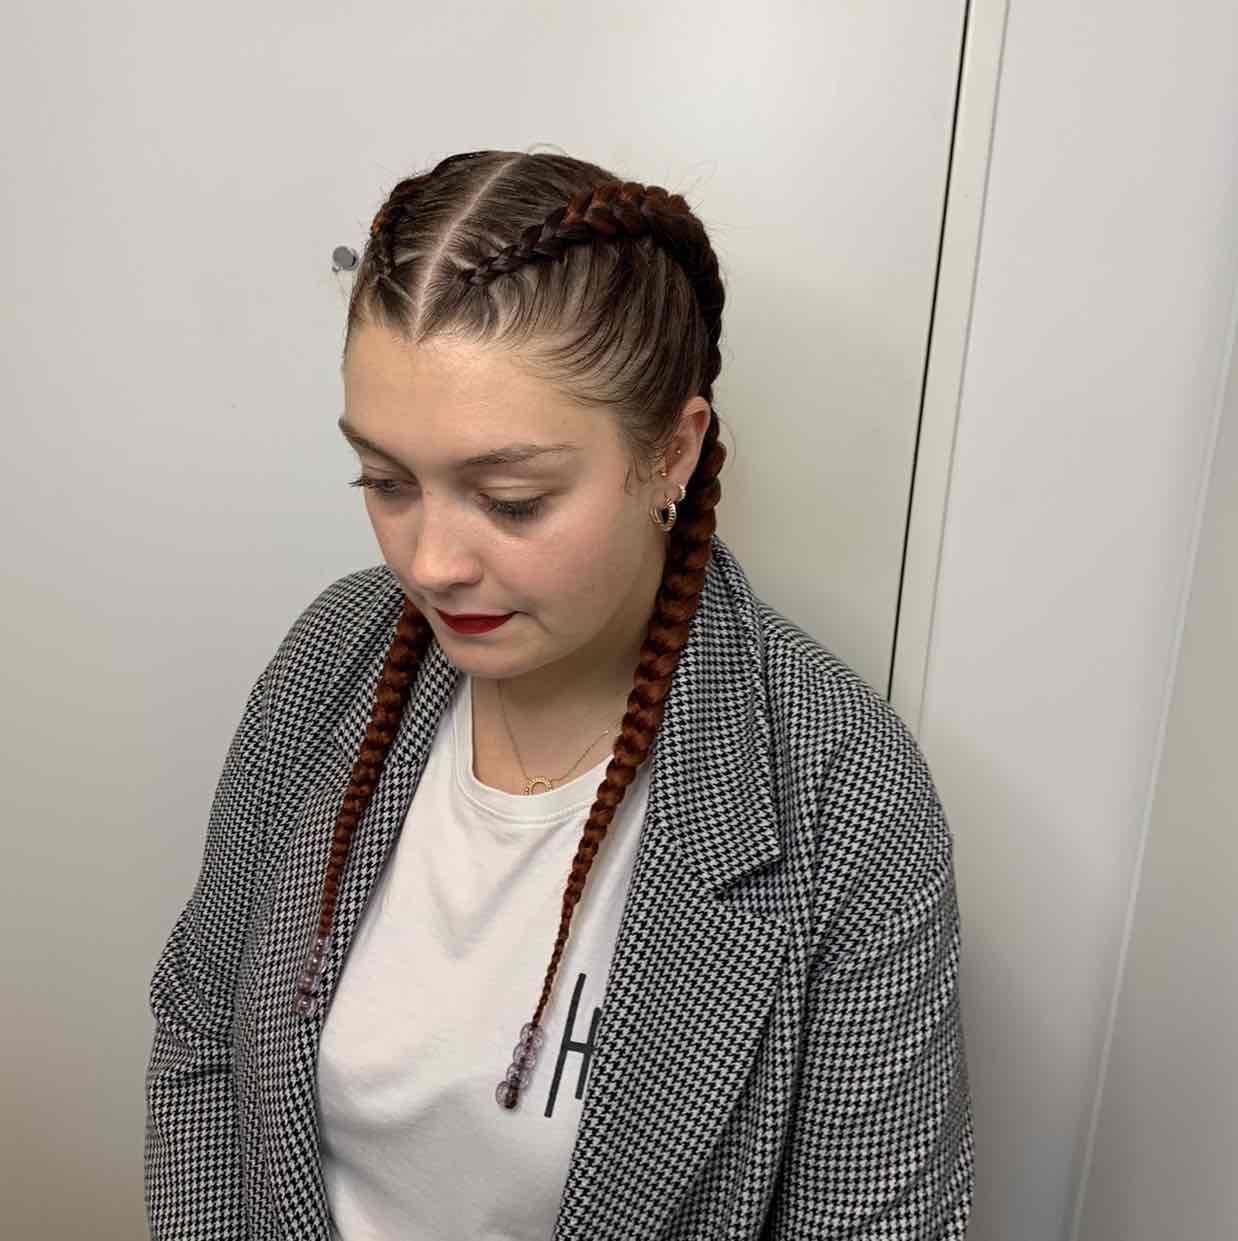 salon de coiffure afro tresse tresses box braids crochet braids vanilles tissages paris 75 77 78 91 92 93 94 95 NRNKKBKX